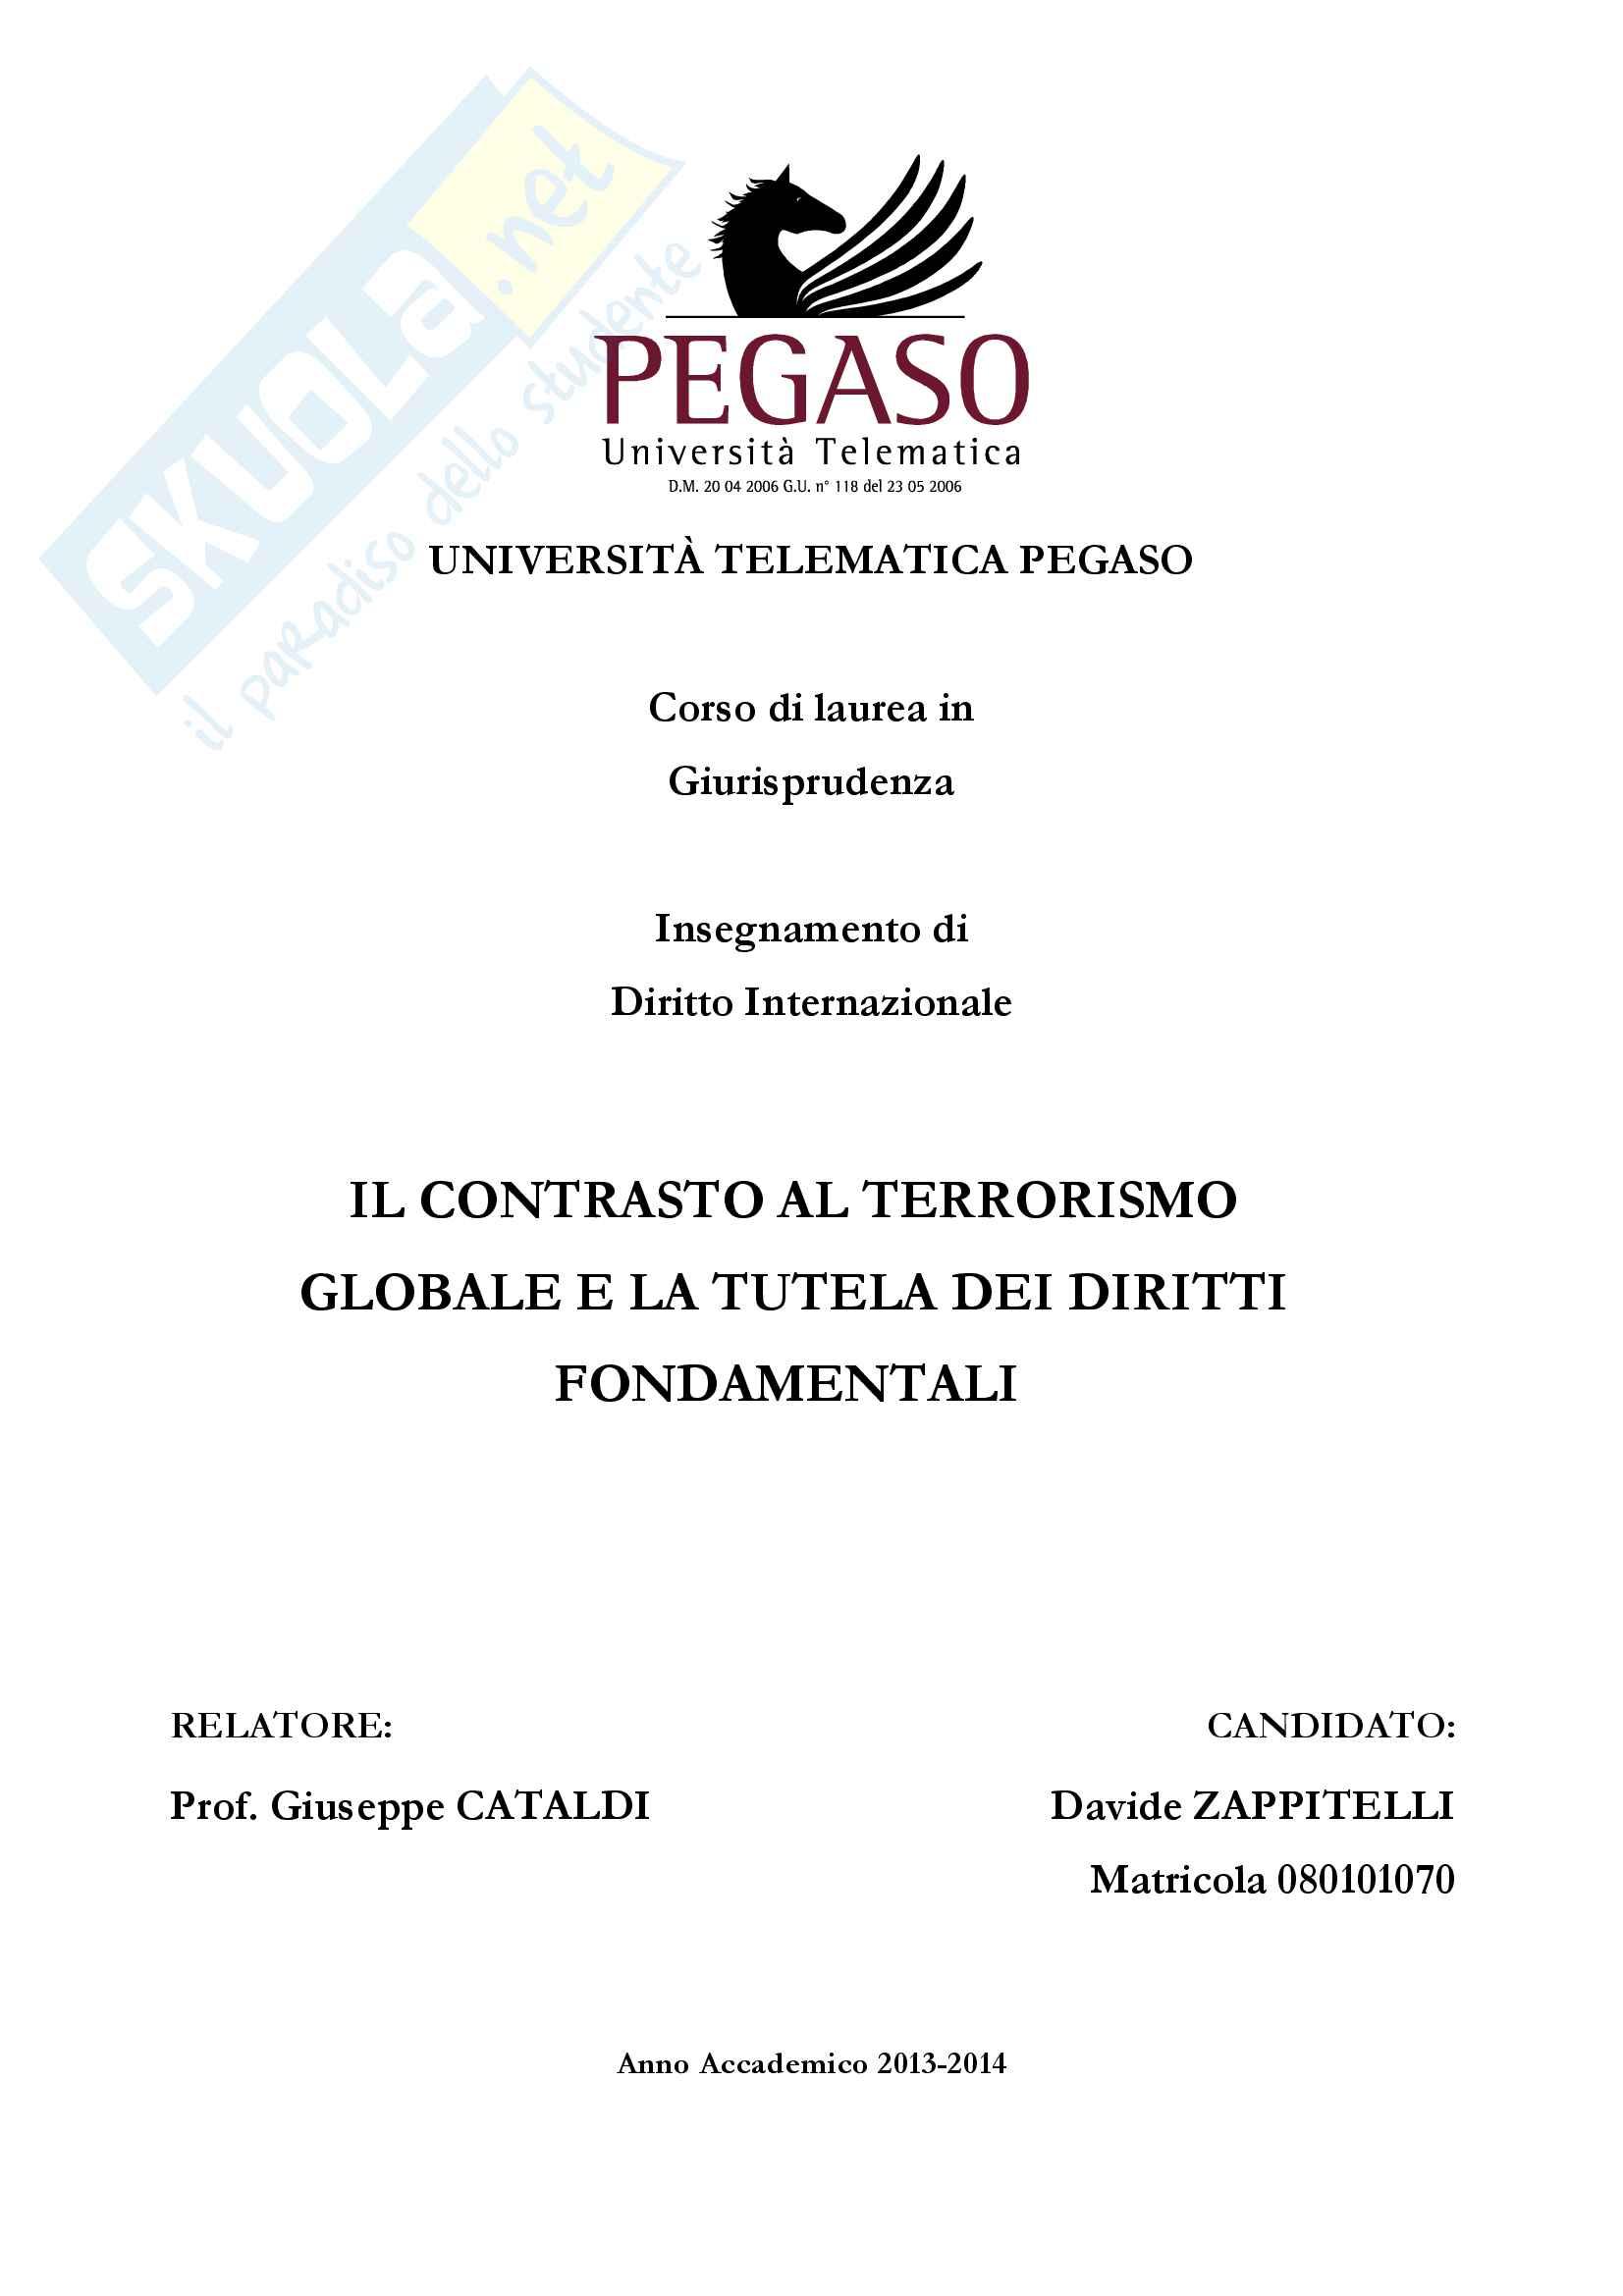 il contrasto al terrorismo e la tutela dei diritti fondamentali